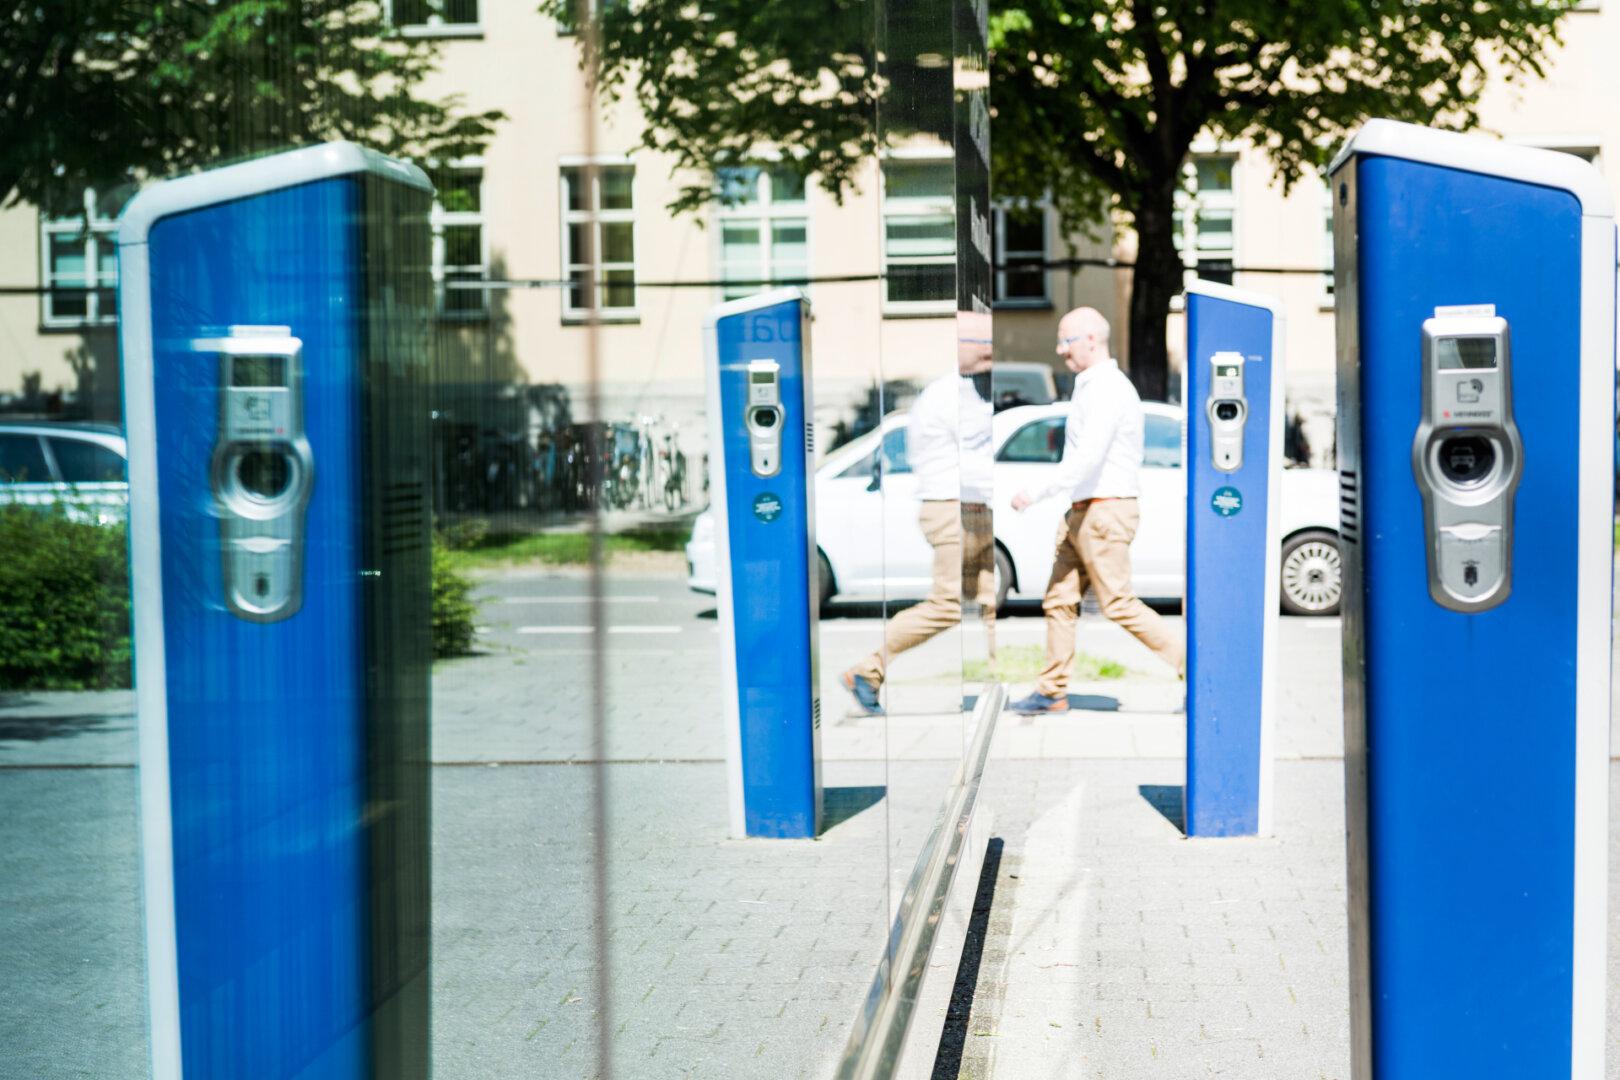 Blaue Ladesäulen auf öffentliches Parkplatz